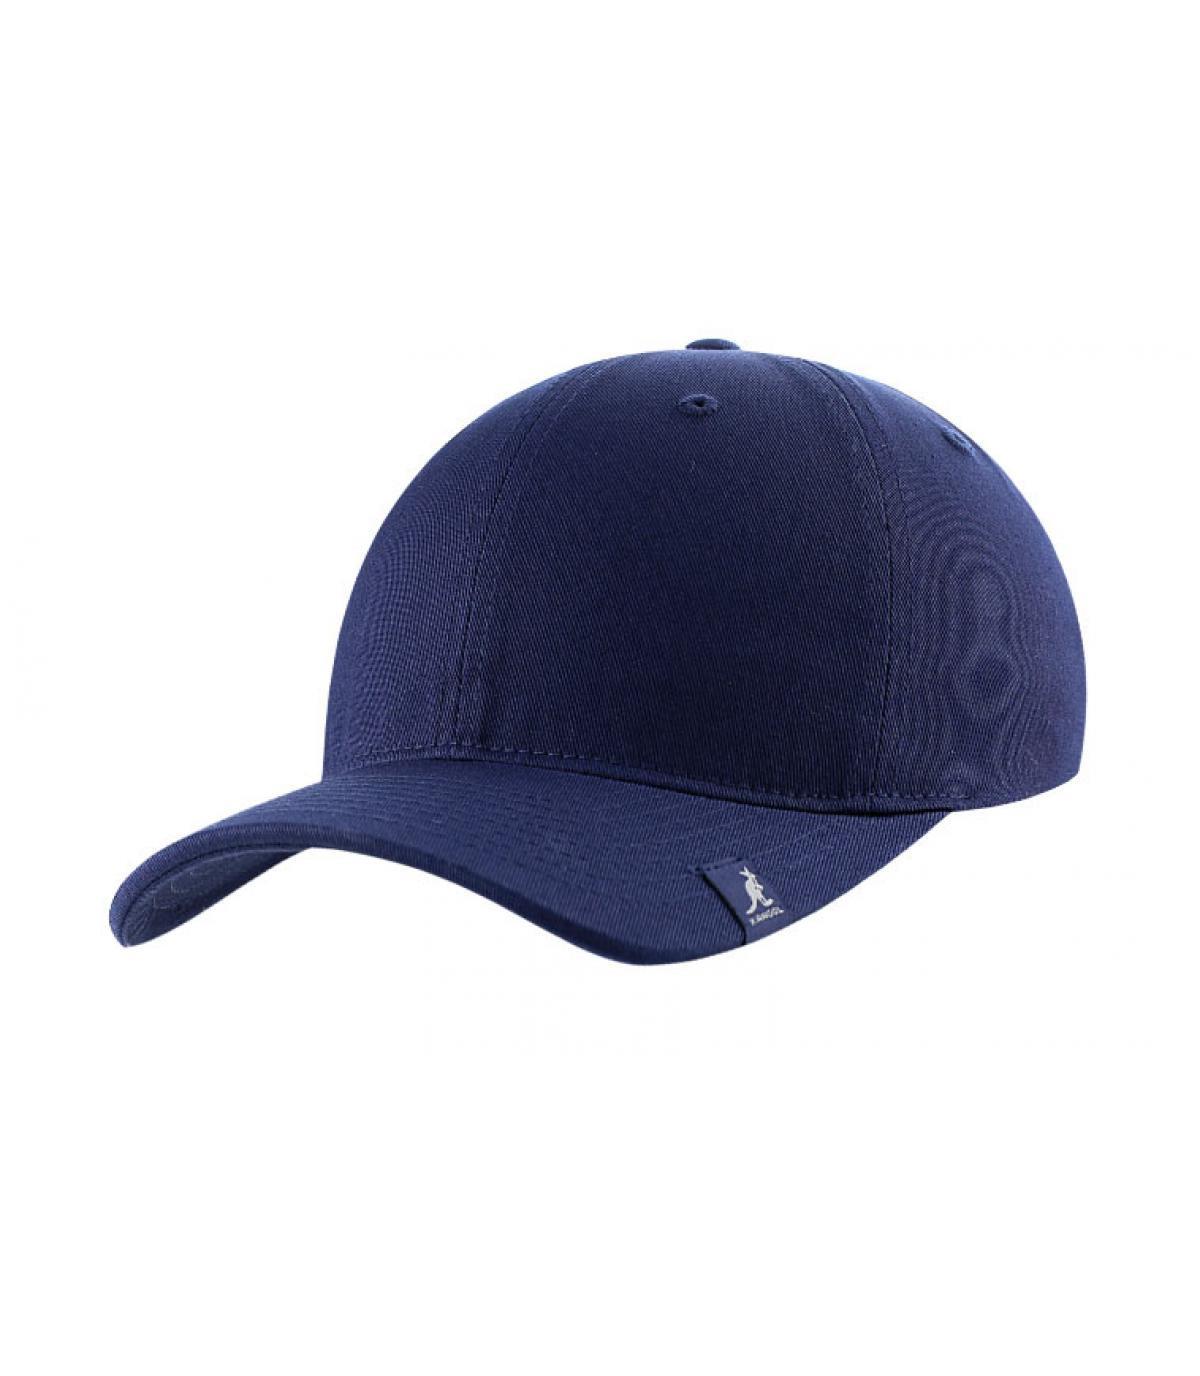 Casquette baseball bleu marine